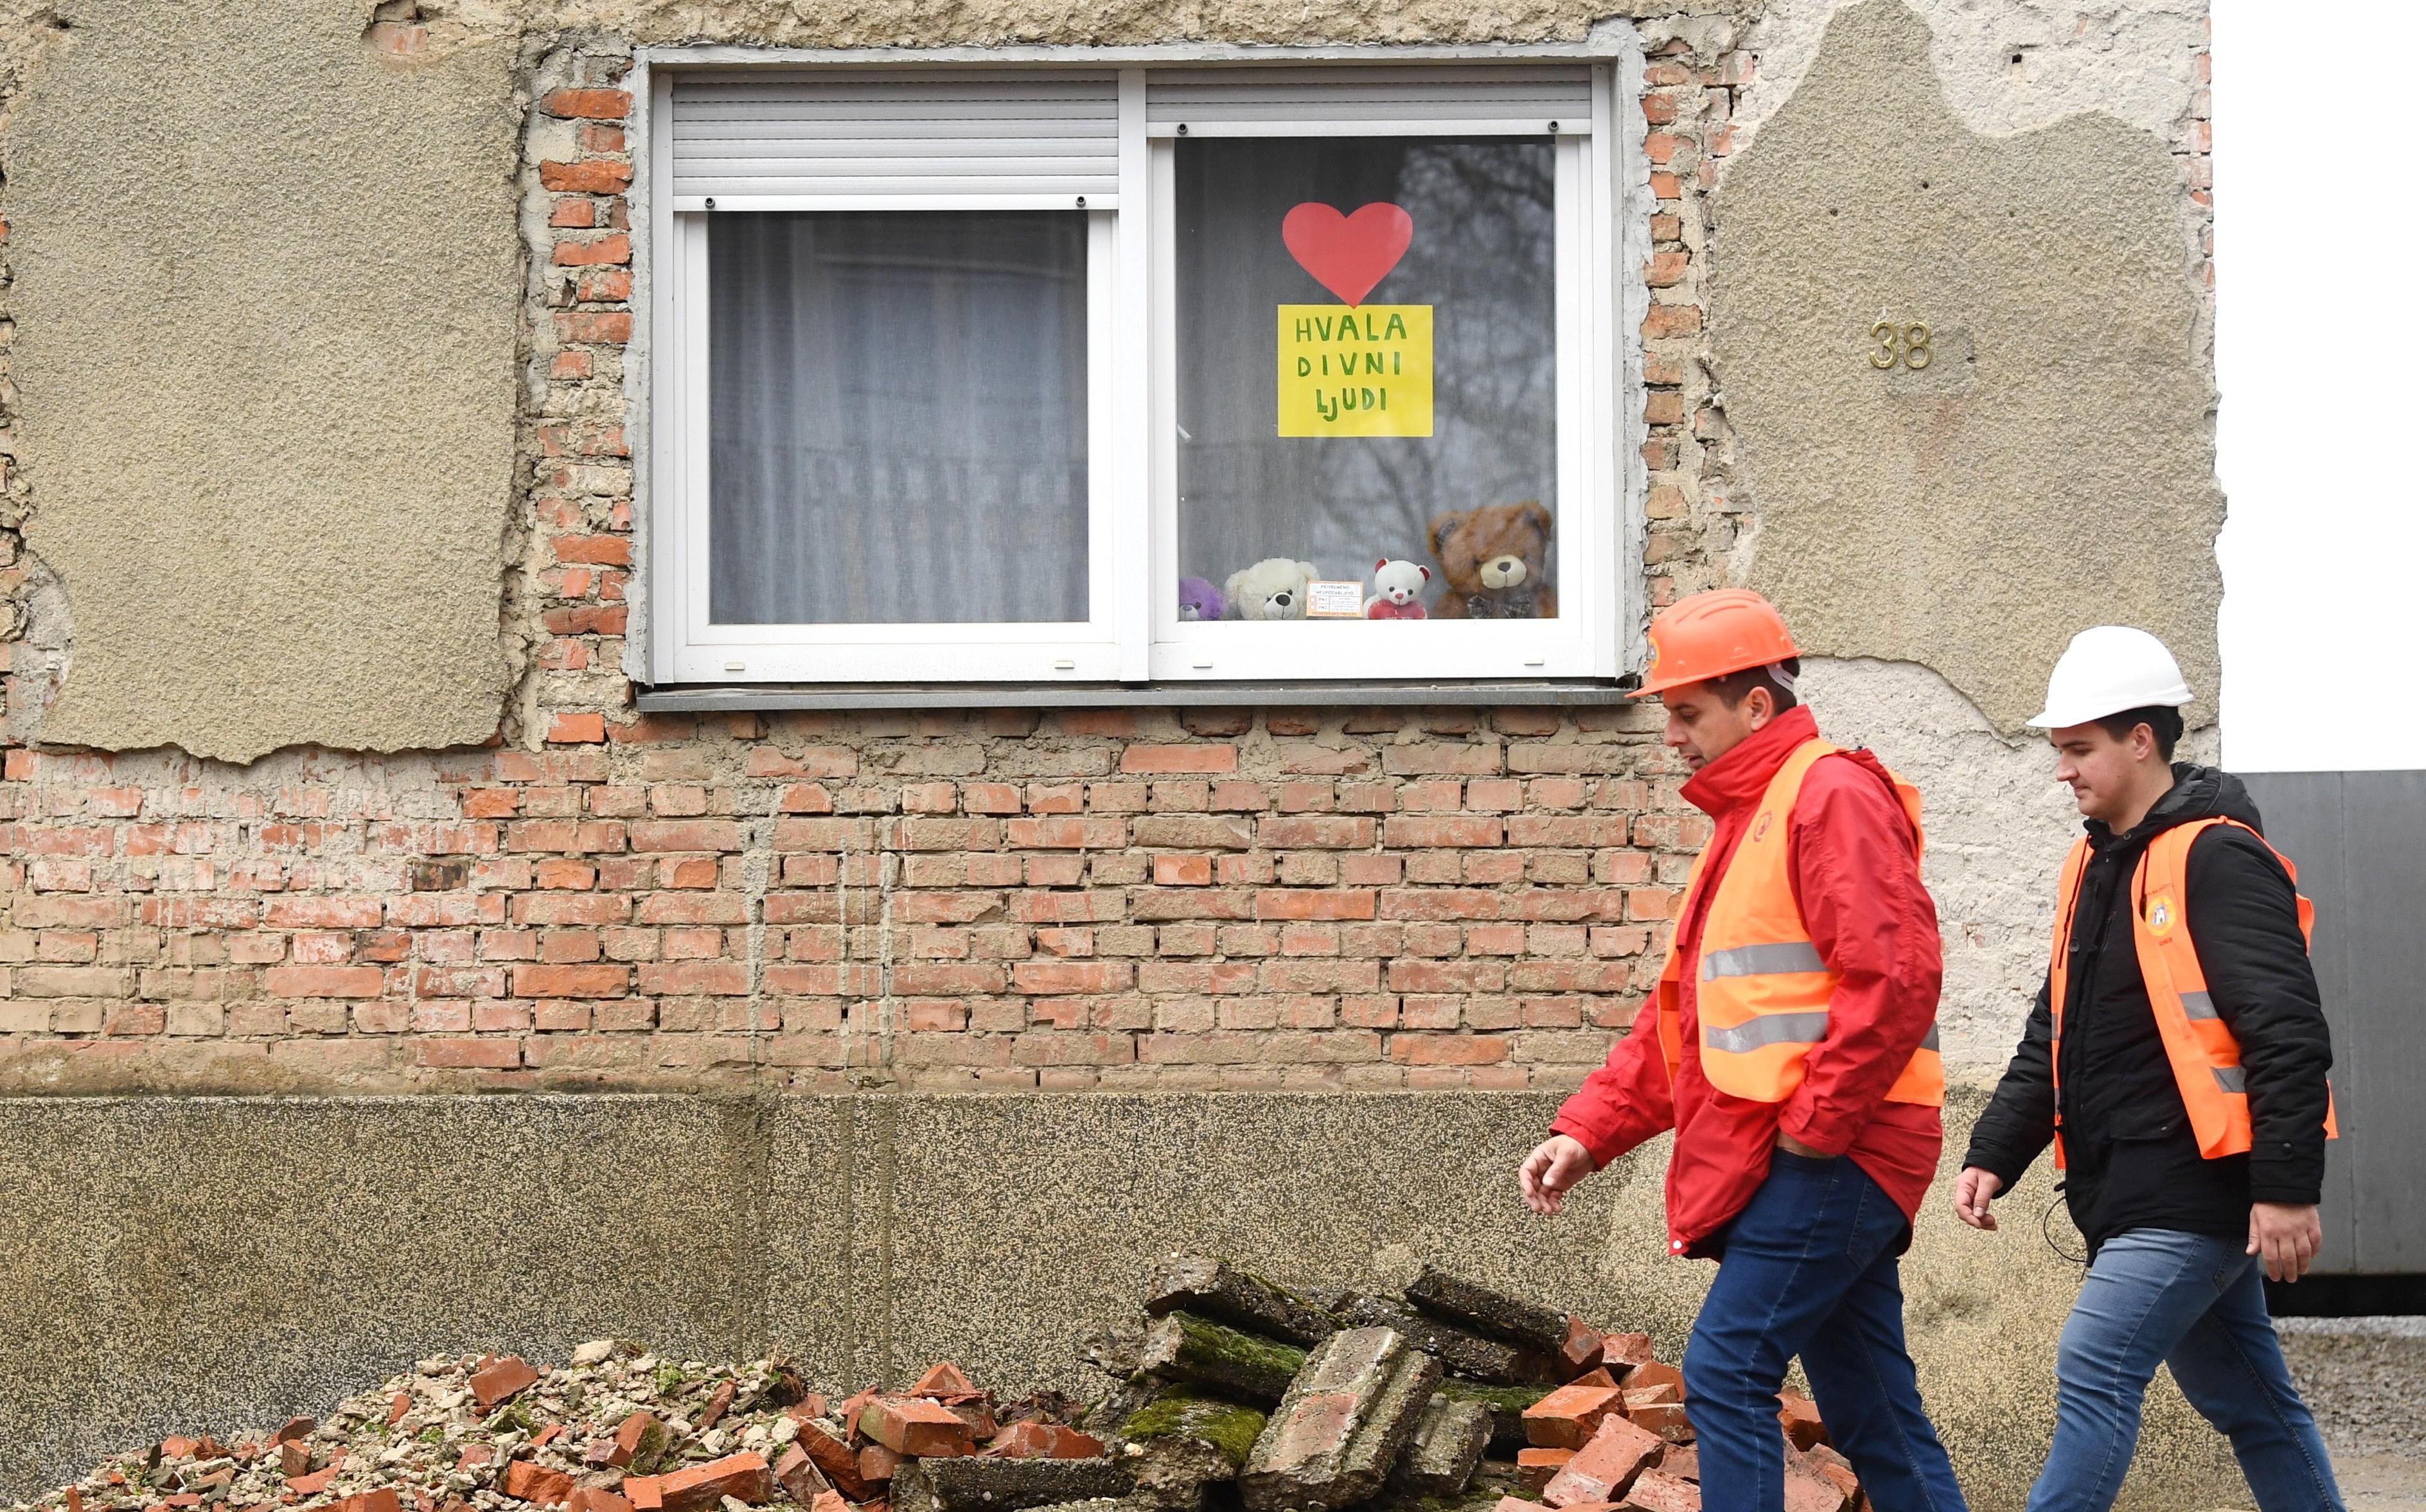 Poruka na prozoru u Petrinji koja pokazuje koliko pomoć znači stradalima u potresu: 'Hvala, divni ljudi'